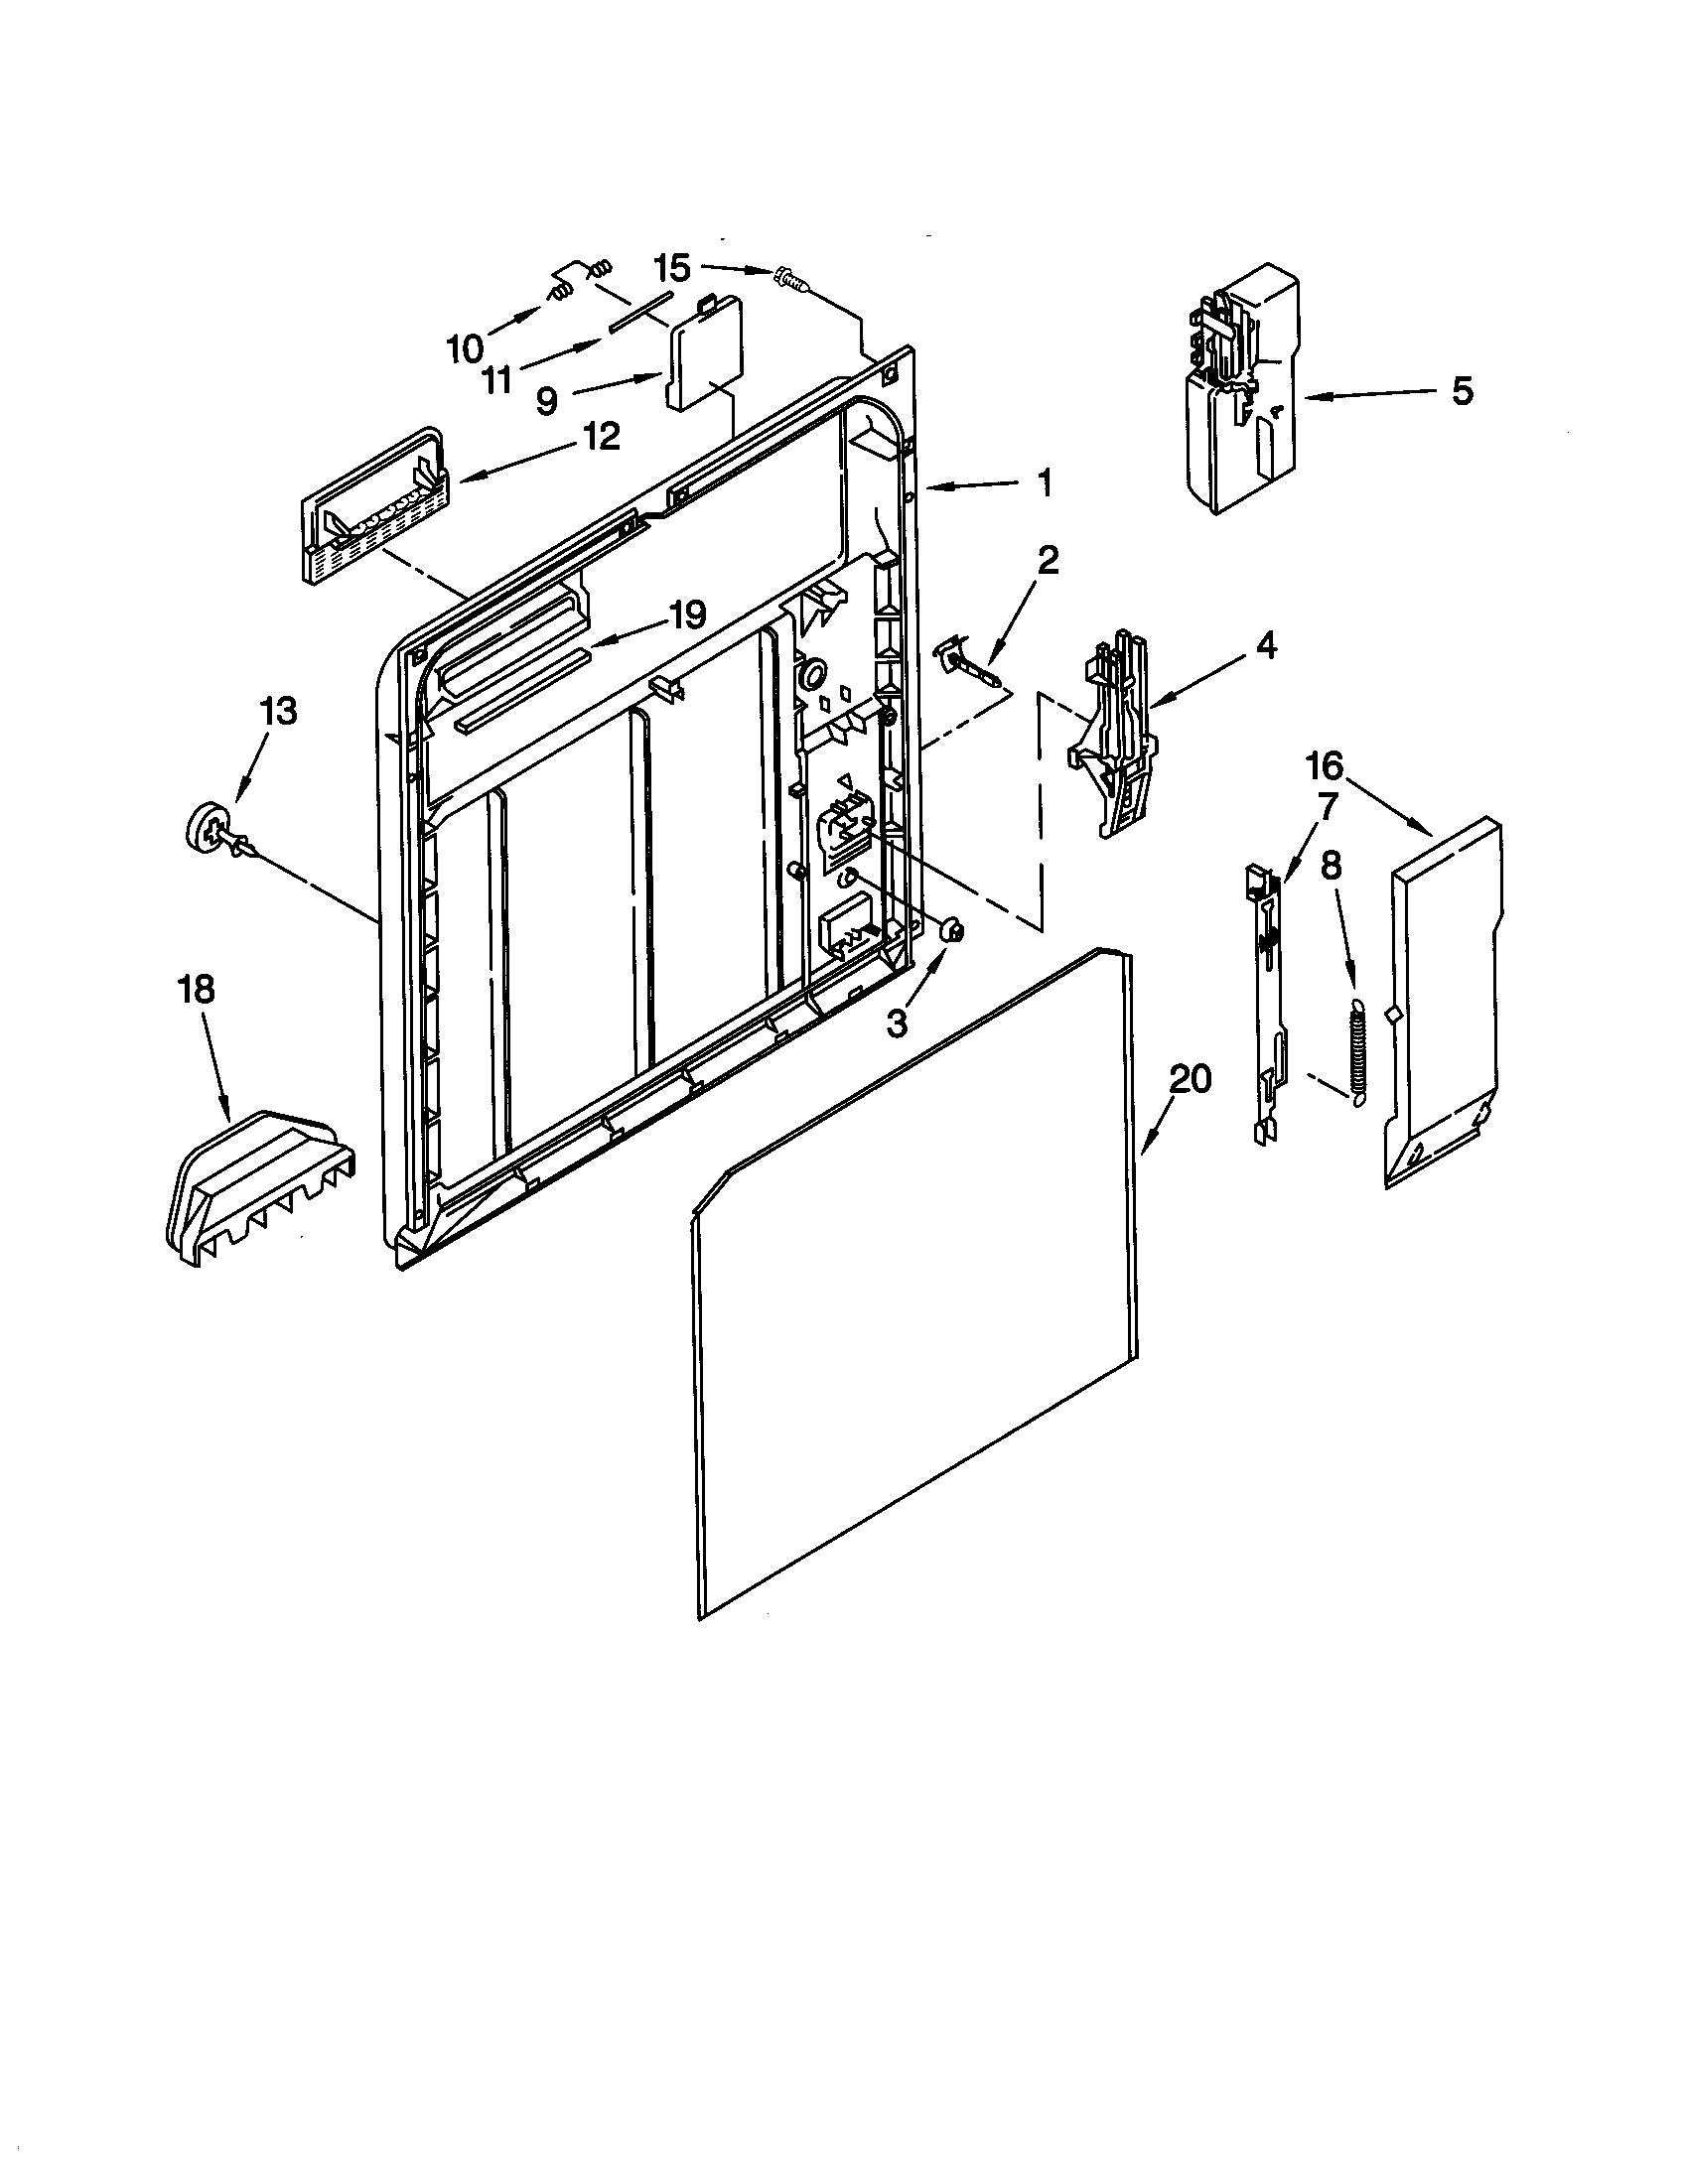 INNER DOOR Diagram & Parts List for Model 66515752000